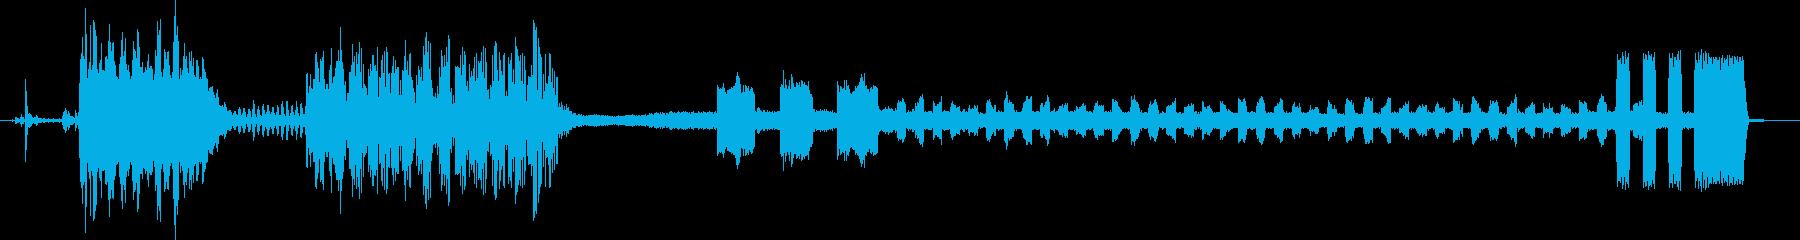 ピュイーン、ピピピピ!(システム起動音)の再生済みの波形